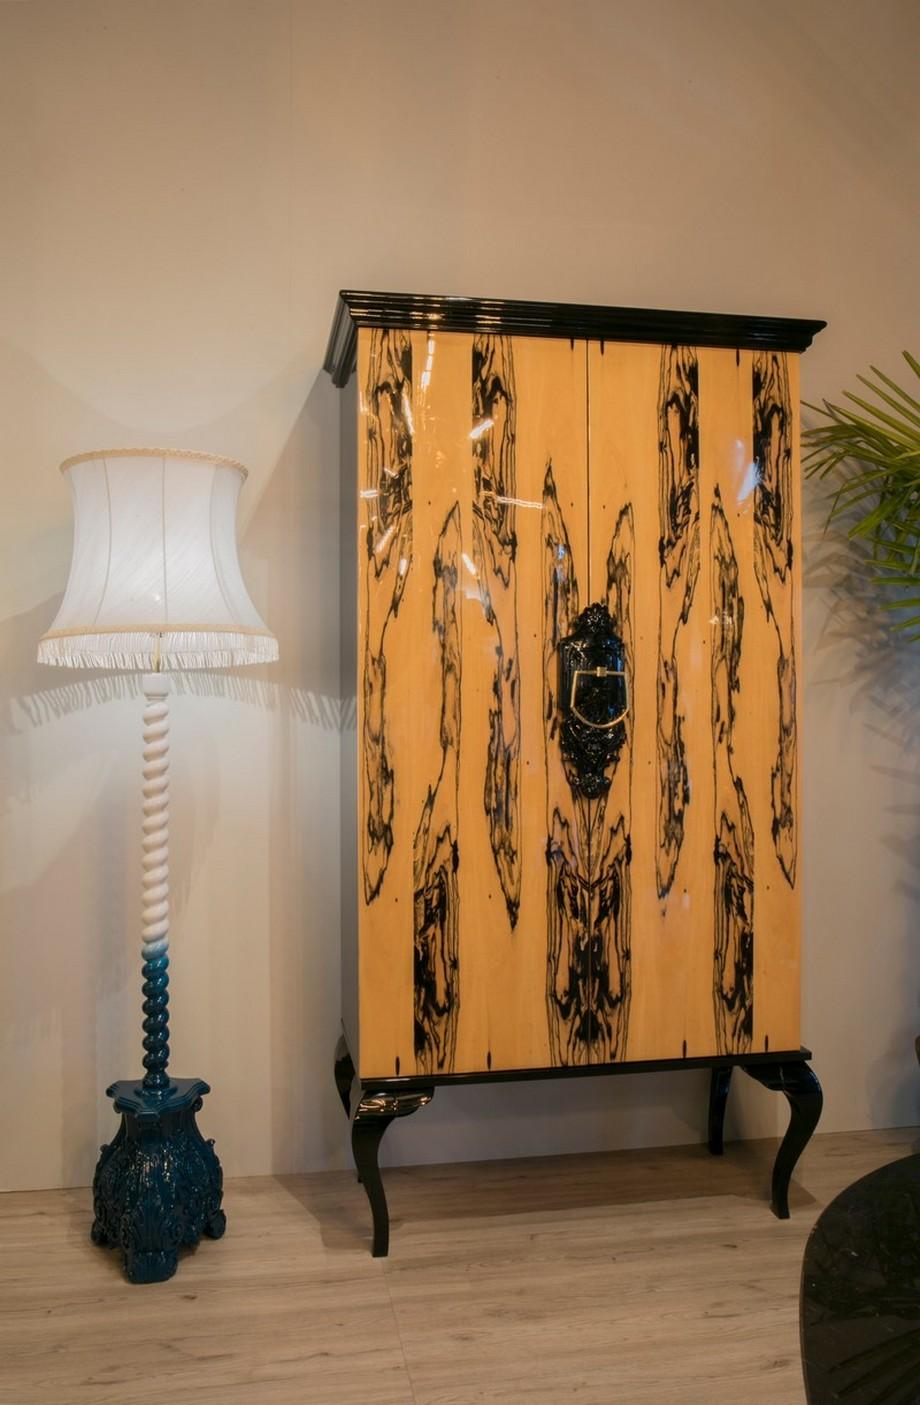 Diseño de Mobiliario: Tendencias y inspiraciónes para un proyecto lujuoso diseño de mobiliario Diseño de Mobiliario: Tendencias y inspiraciónes para un proyecto lujuoso 7 Amazing Luxury Furniture Ideas To Glamp Up Your Project 2